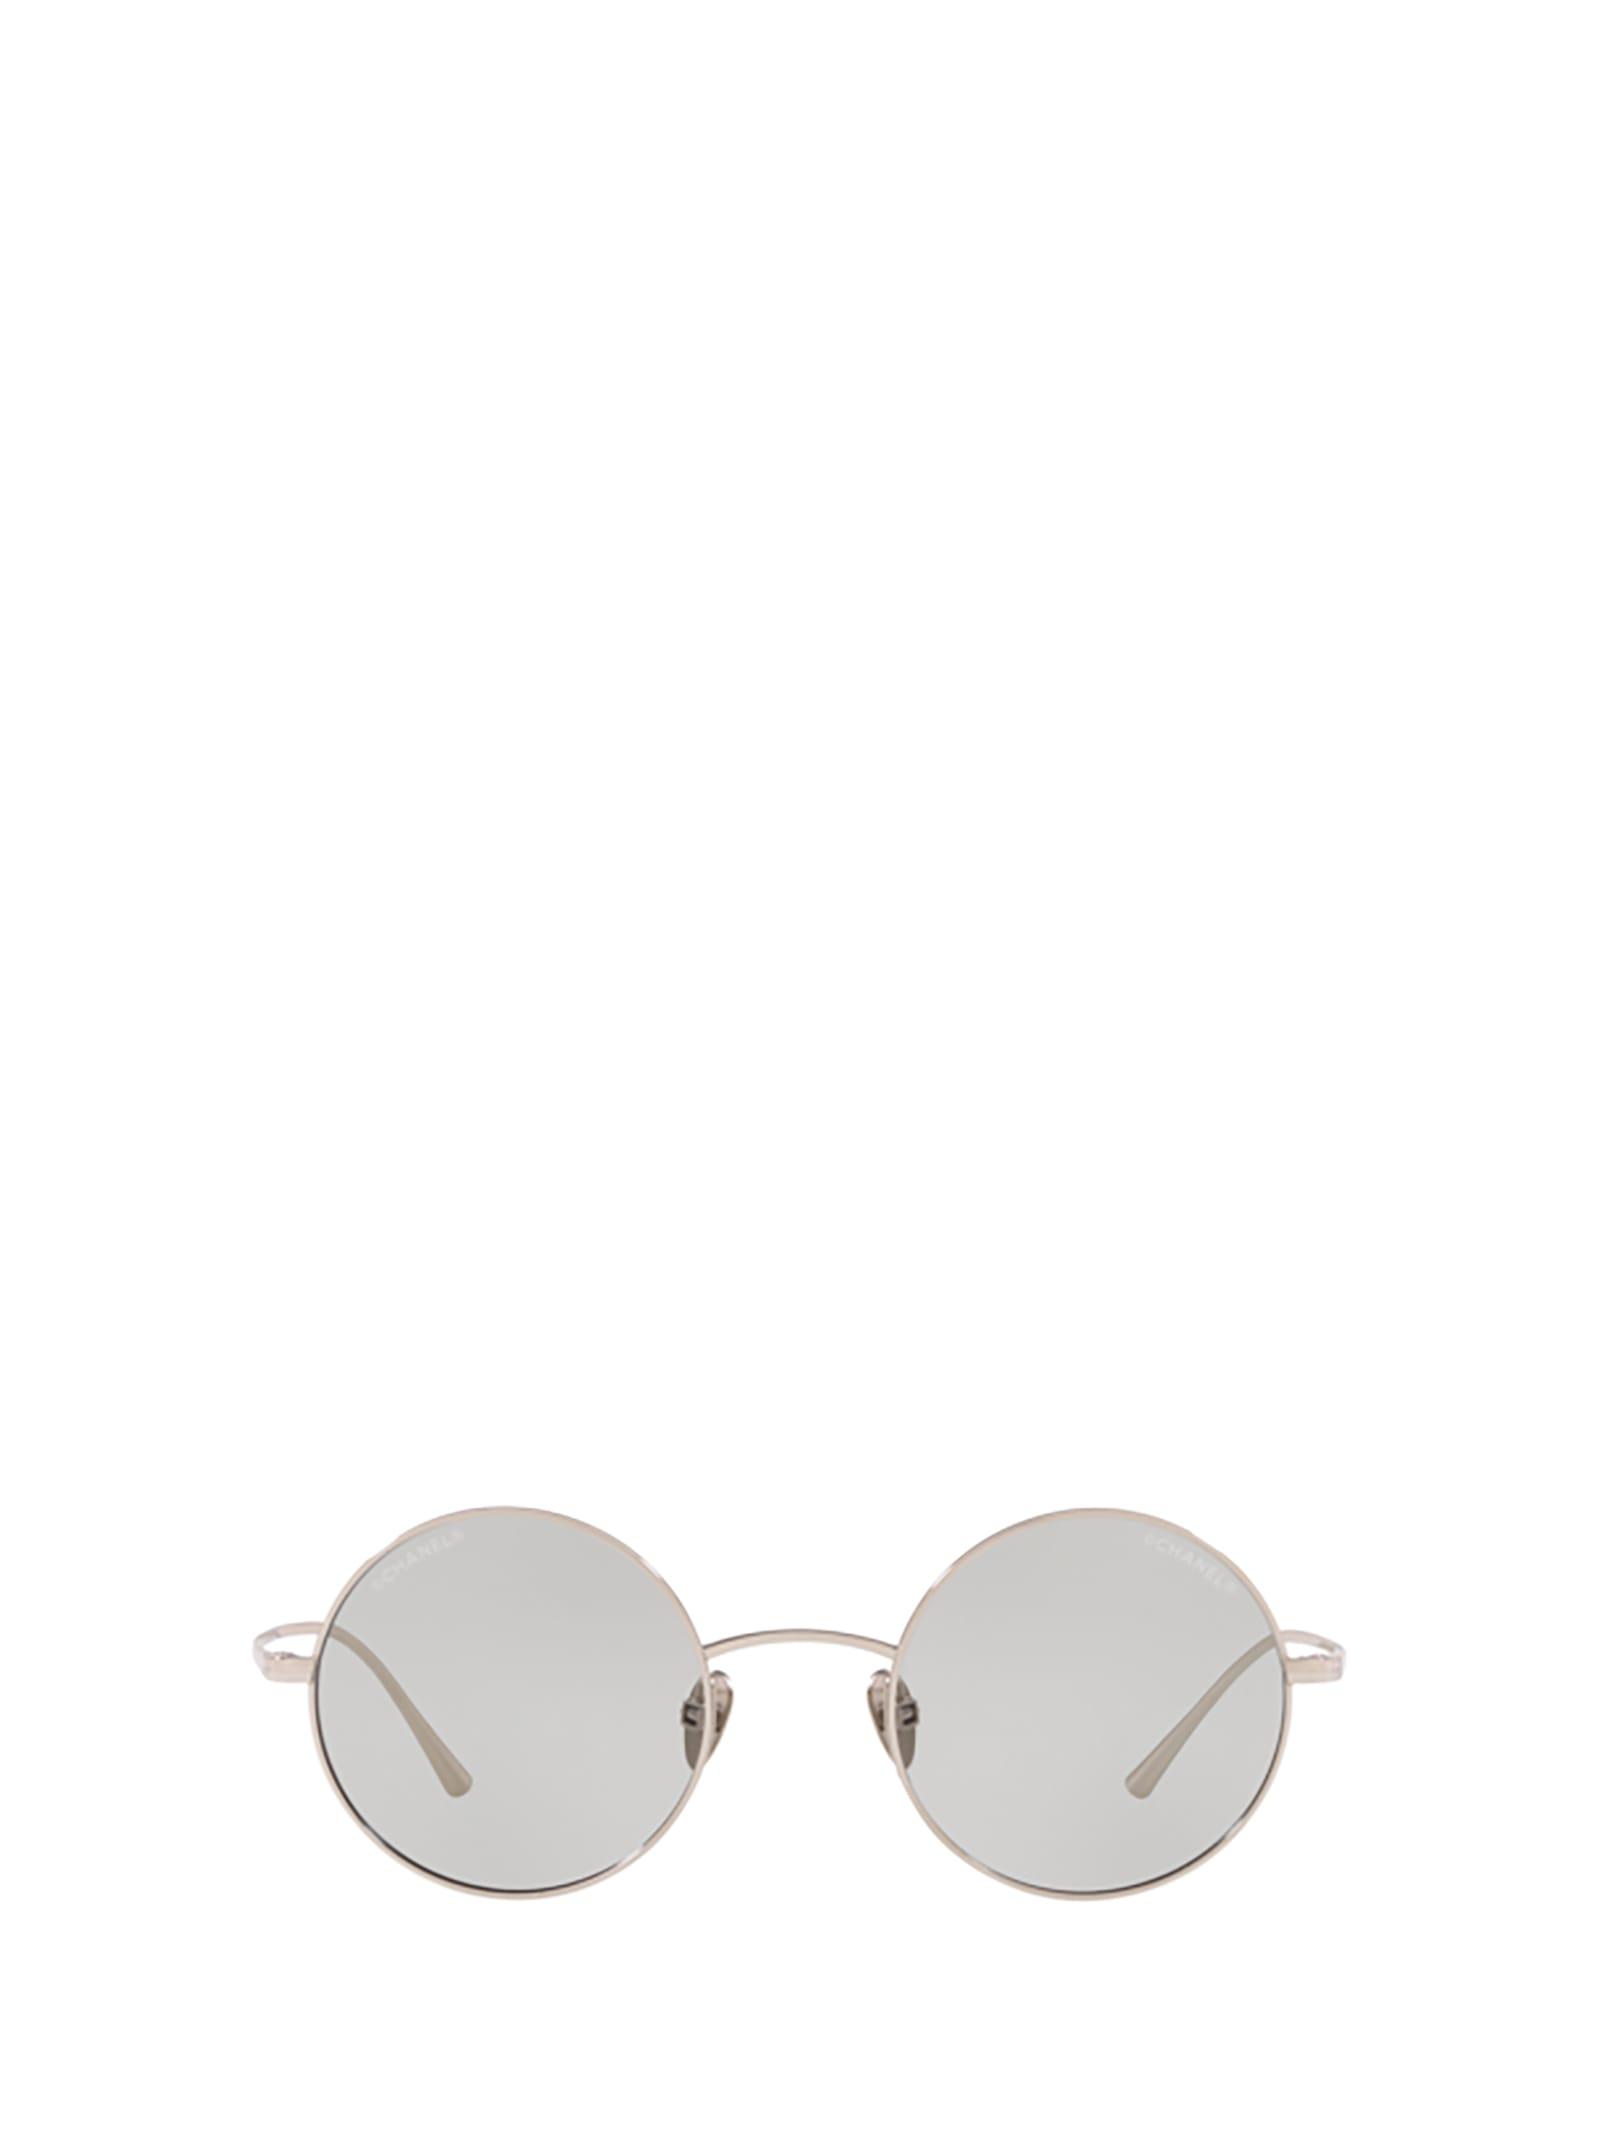 Chanel Chanel Ch4257t Silver Sunglasses